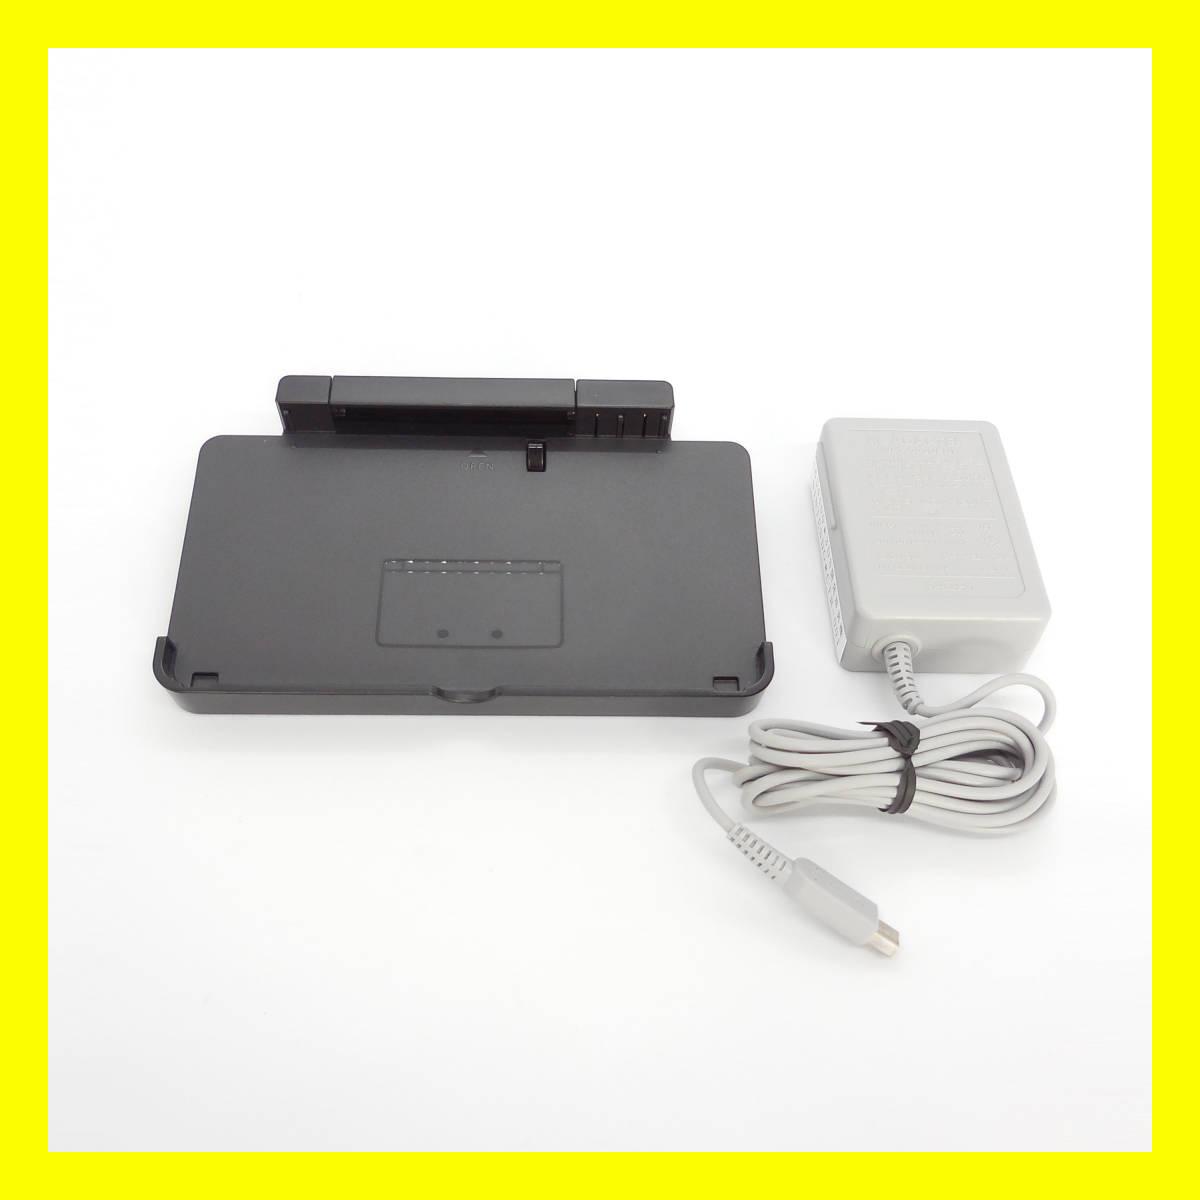 任天堂 3DS 開発用実機 - Dev Kit Test Unit PANDA_画像4